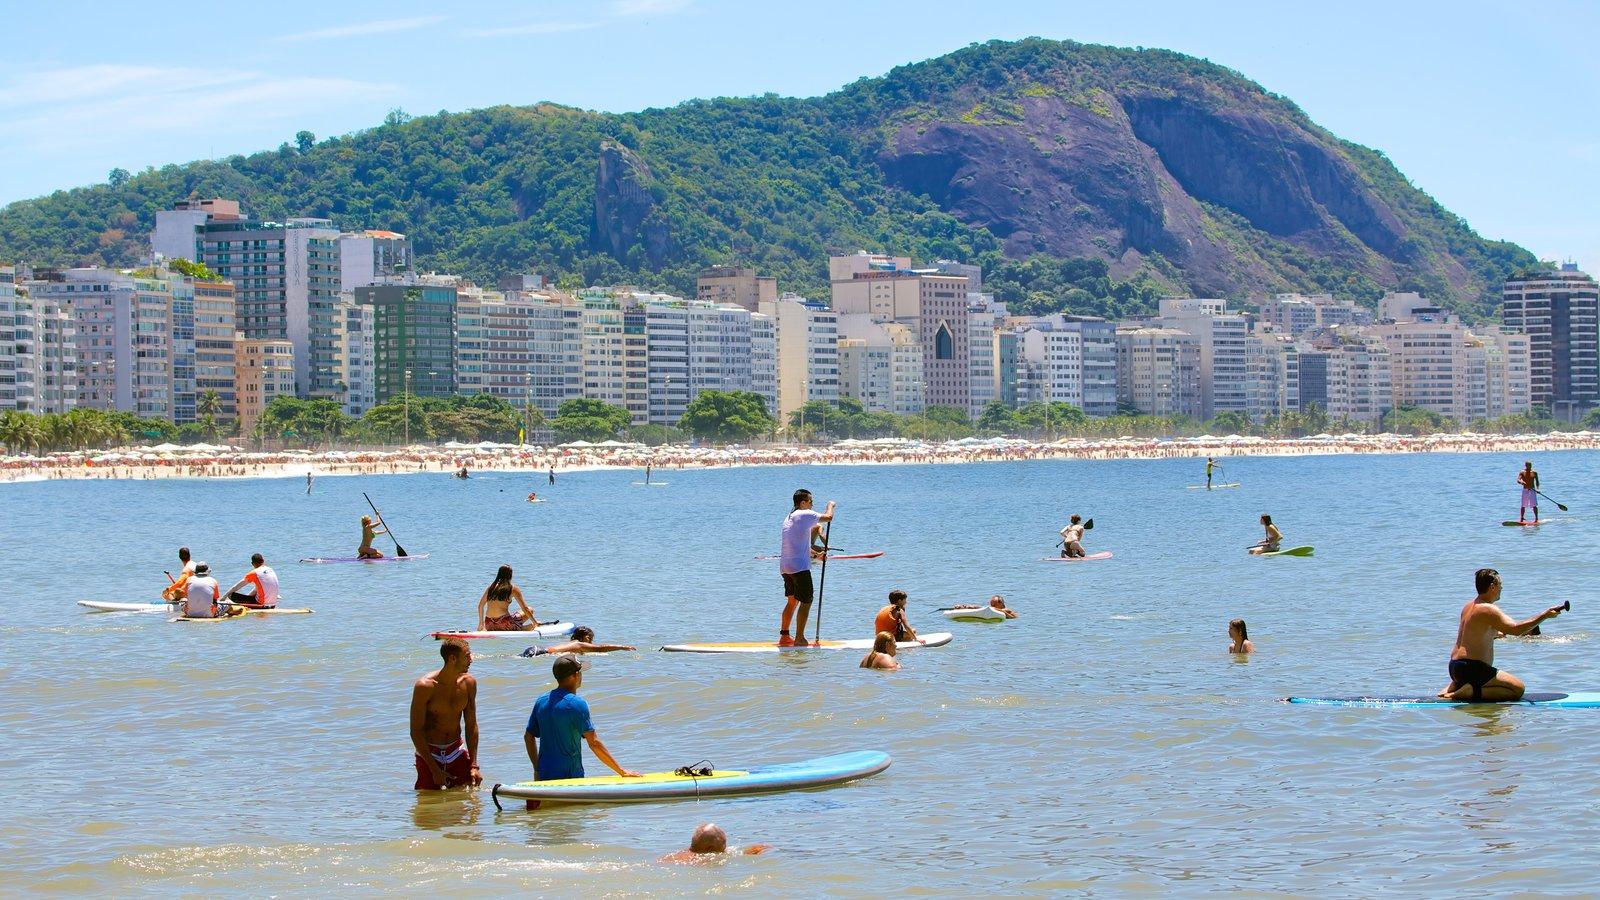 Praia de Copacabana mostrando natação, uma praia de areia e esportes aquáticos